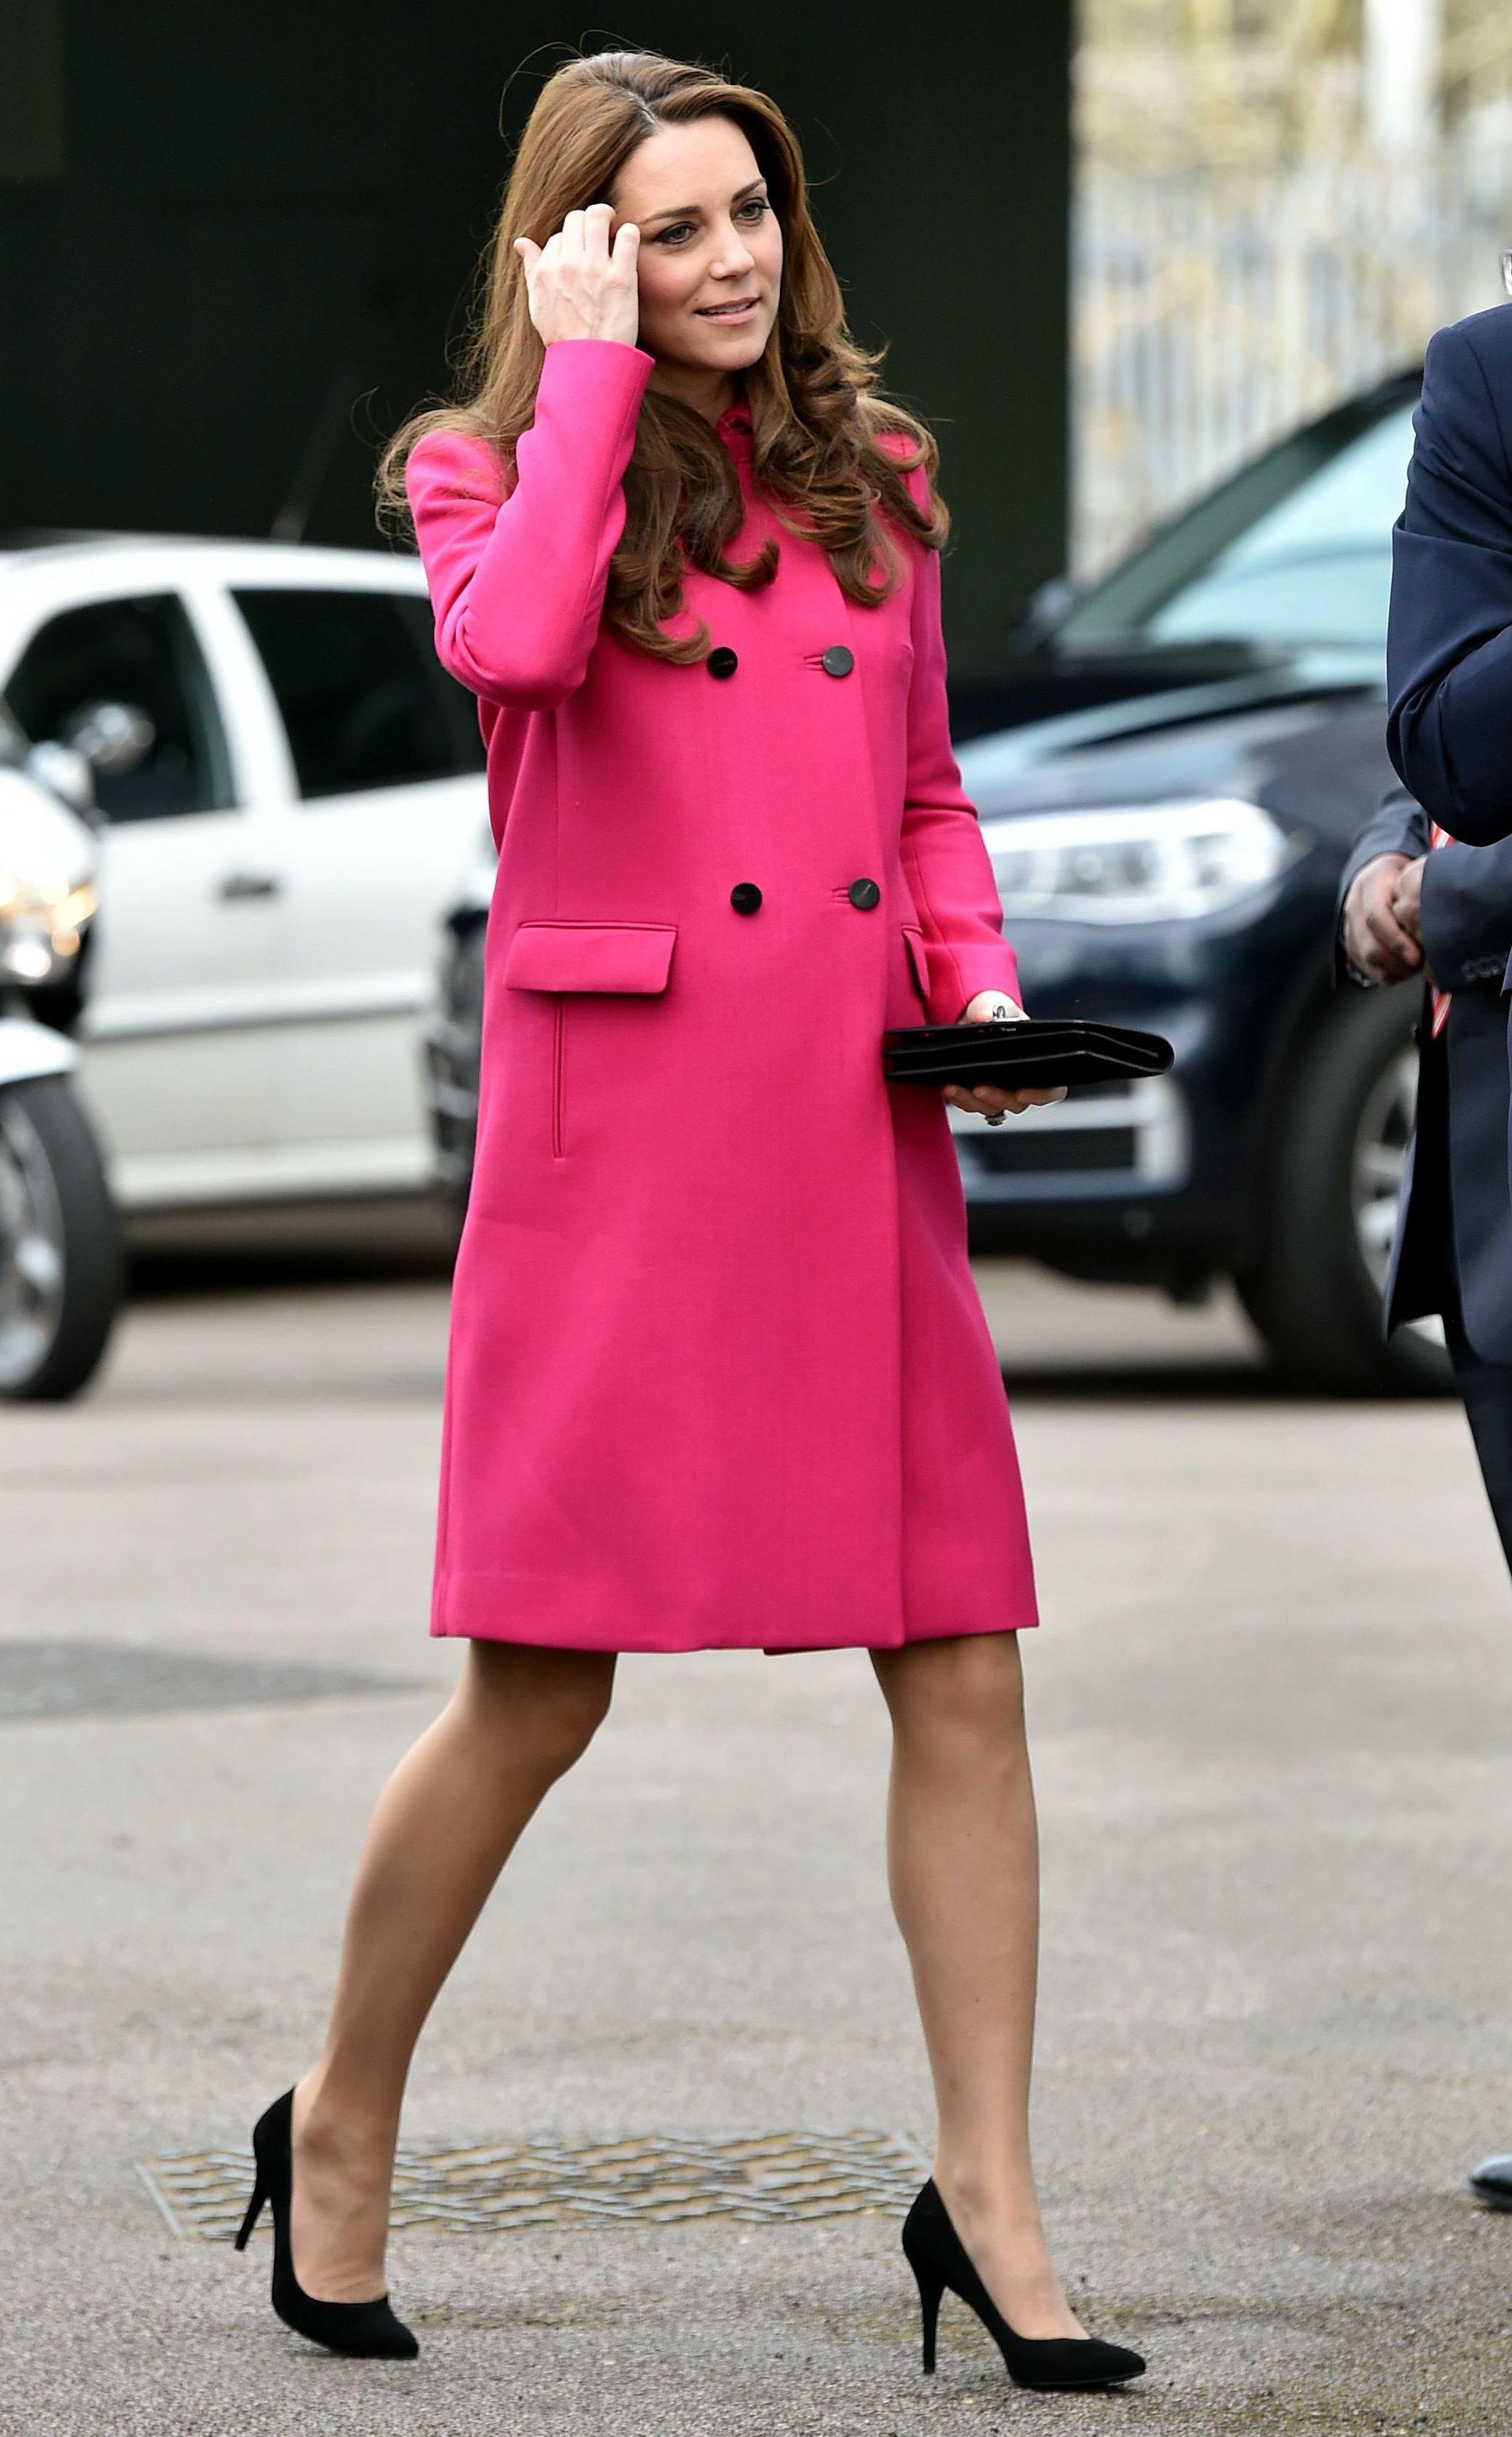 Công nương Kate Middleton ngầm tiết lộ giới tính em bé thứ ba qua chiếc áo hồng?